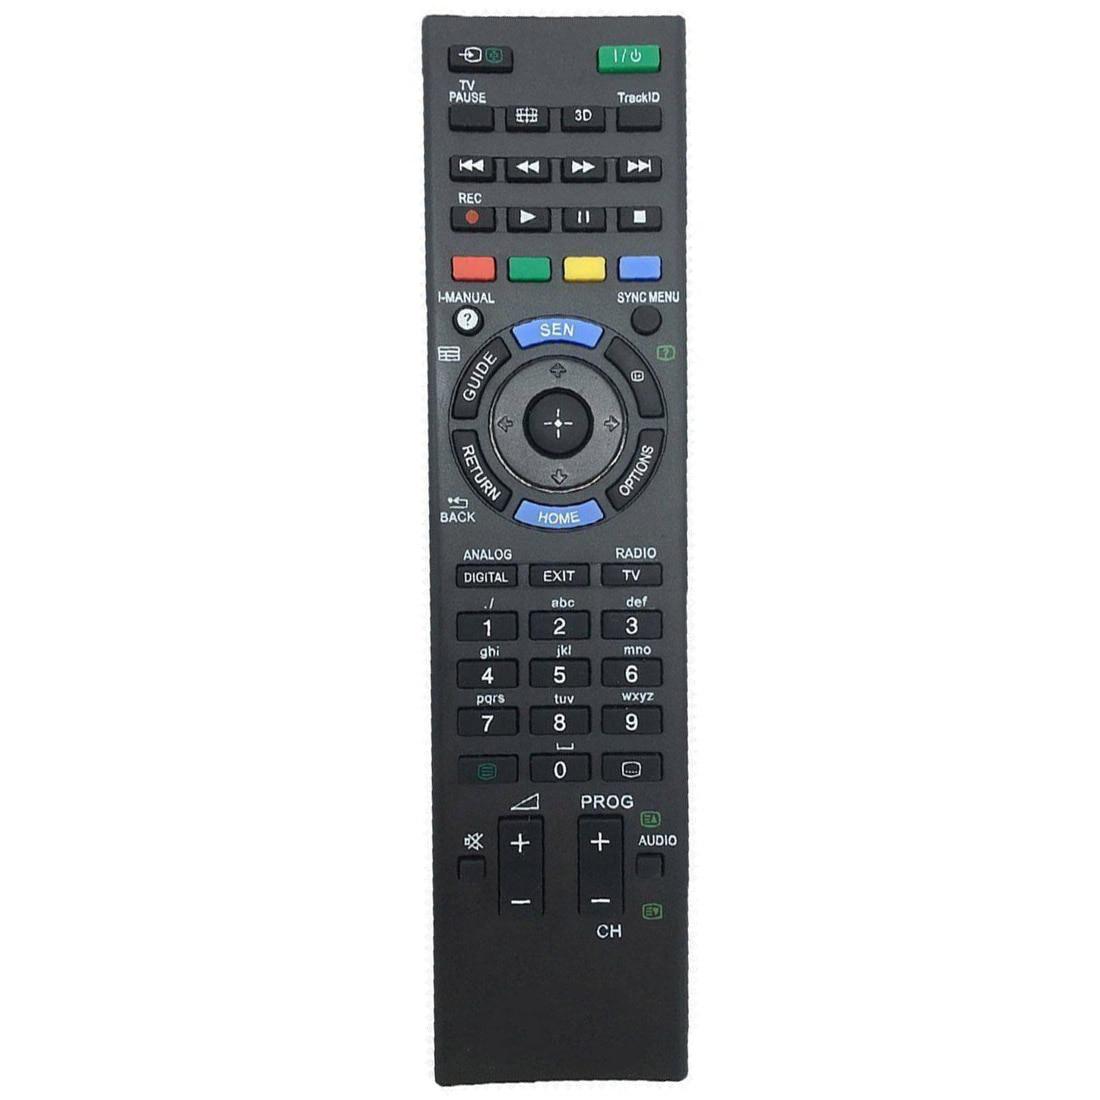 New Remote Control RM-ED047 For SONY TV KDL-HX750 KDL-46HX850